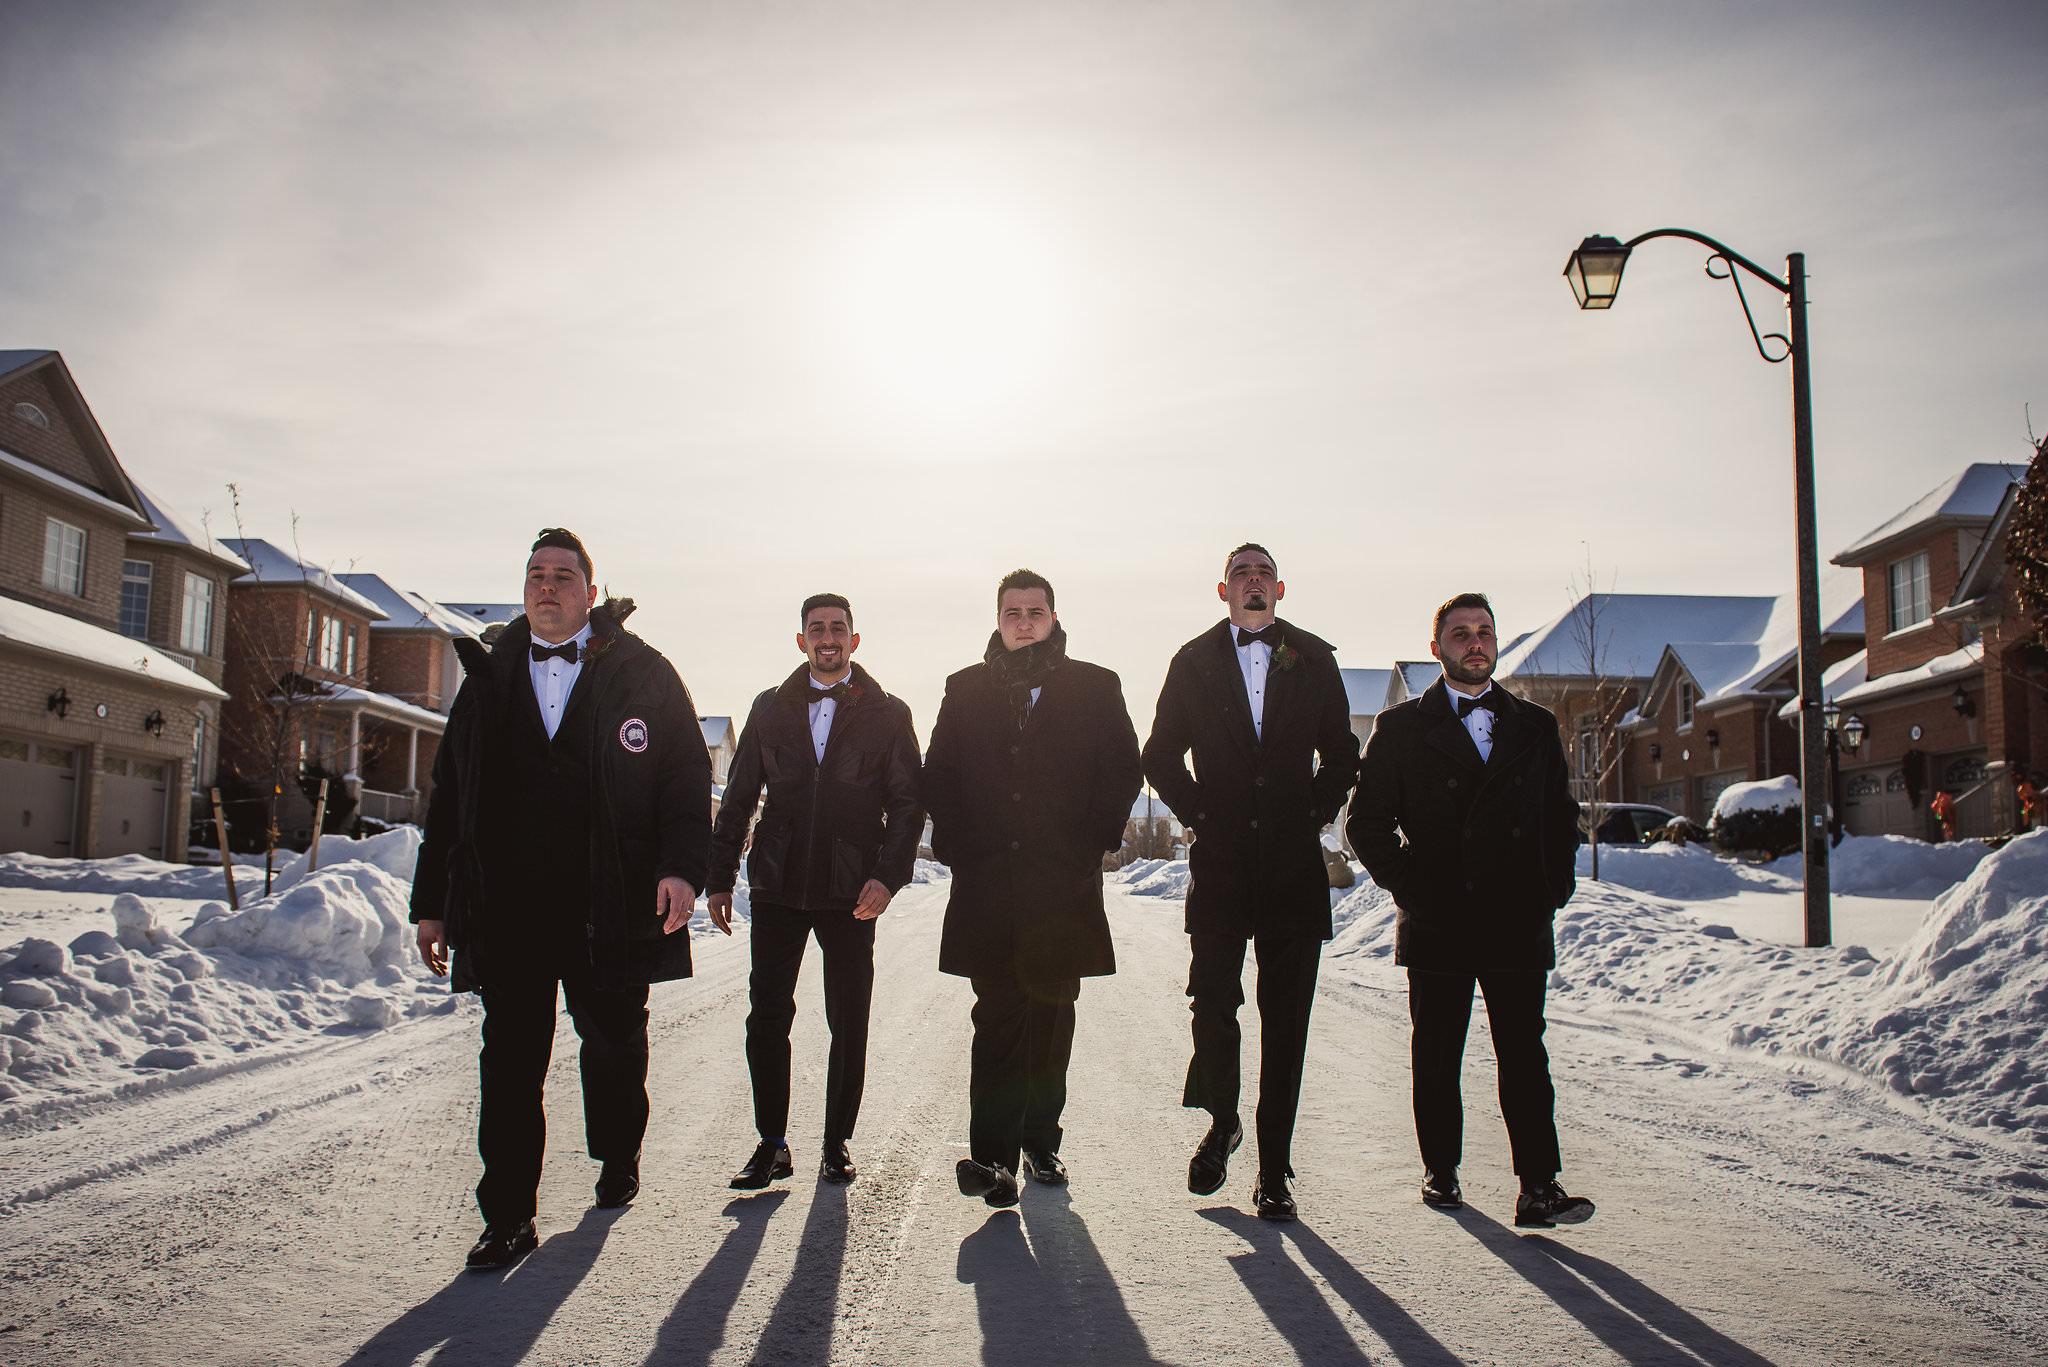 grooms and groomsmen walking down the street